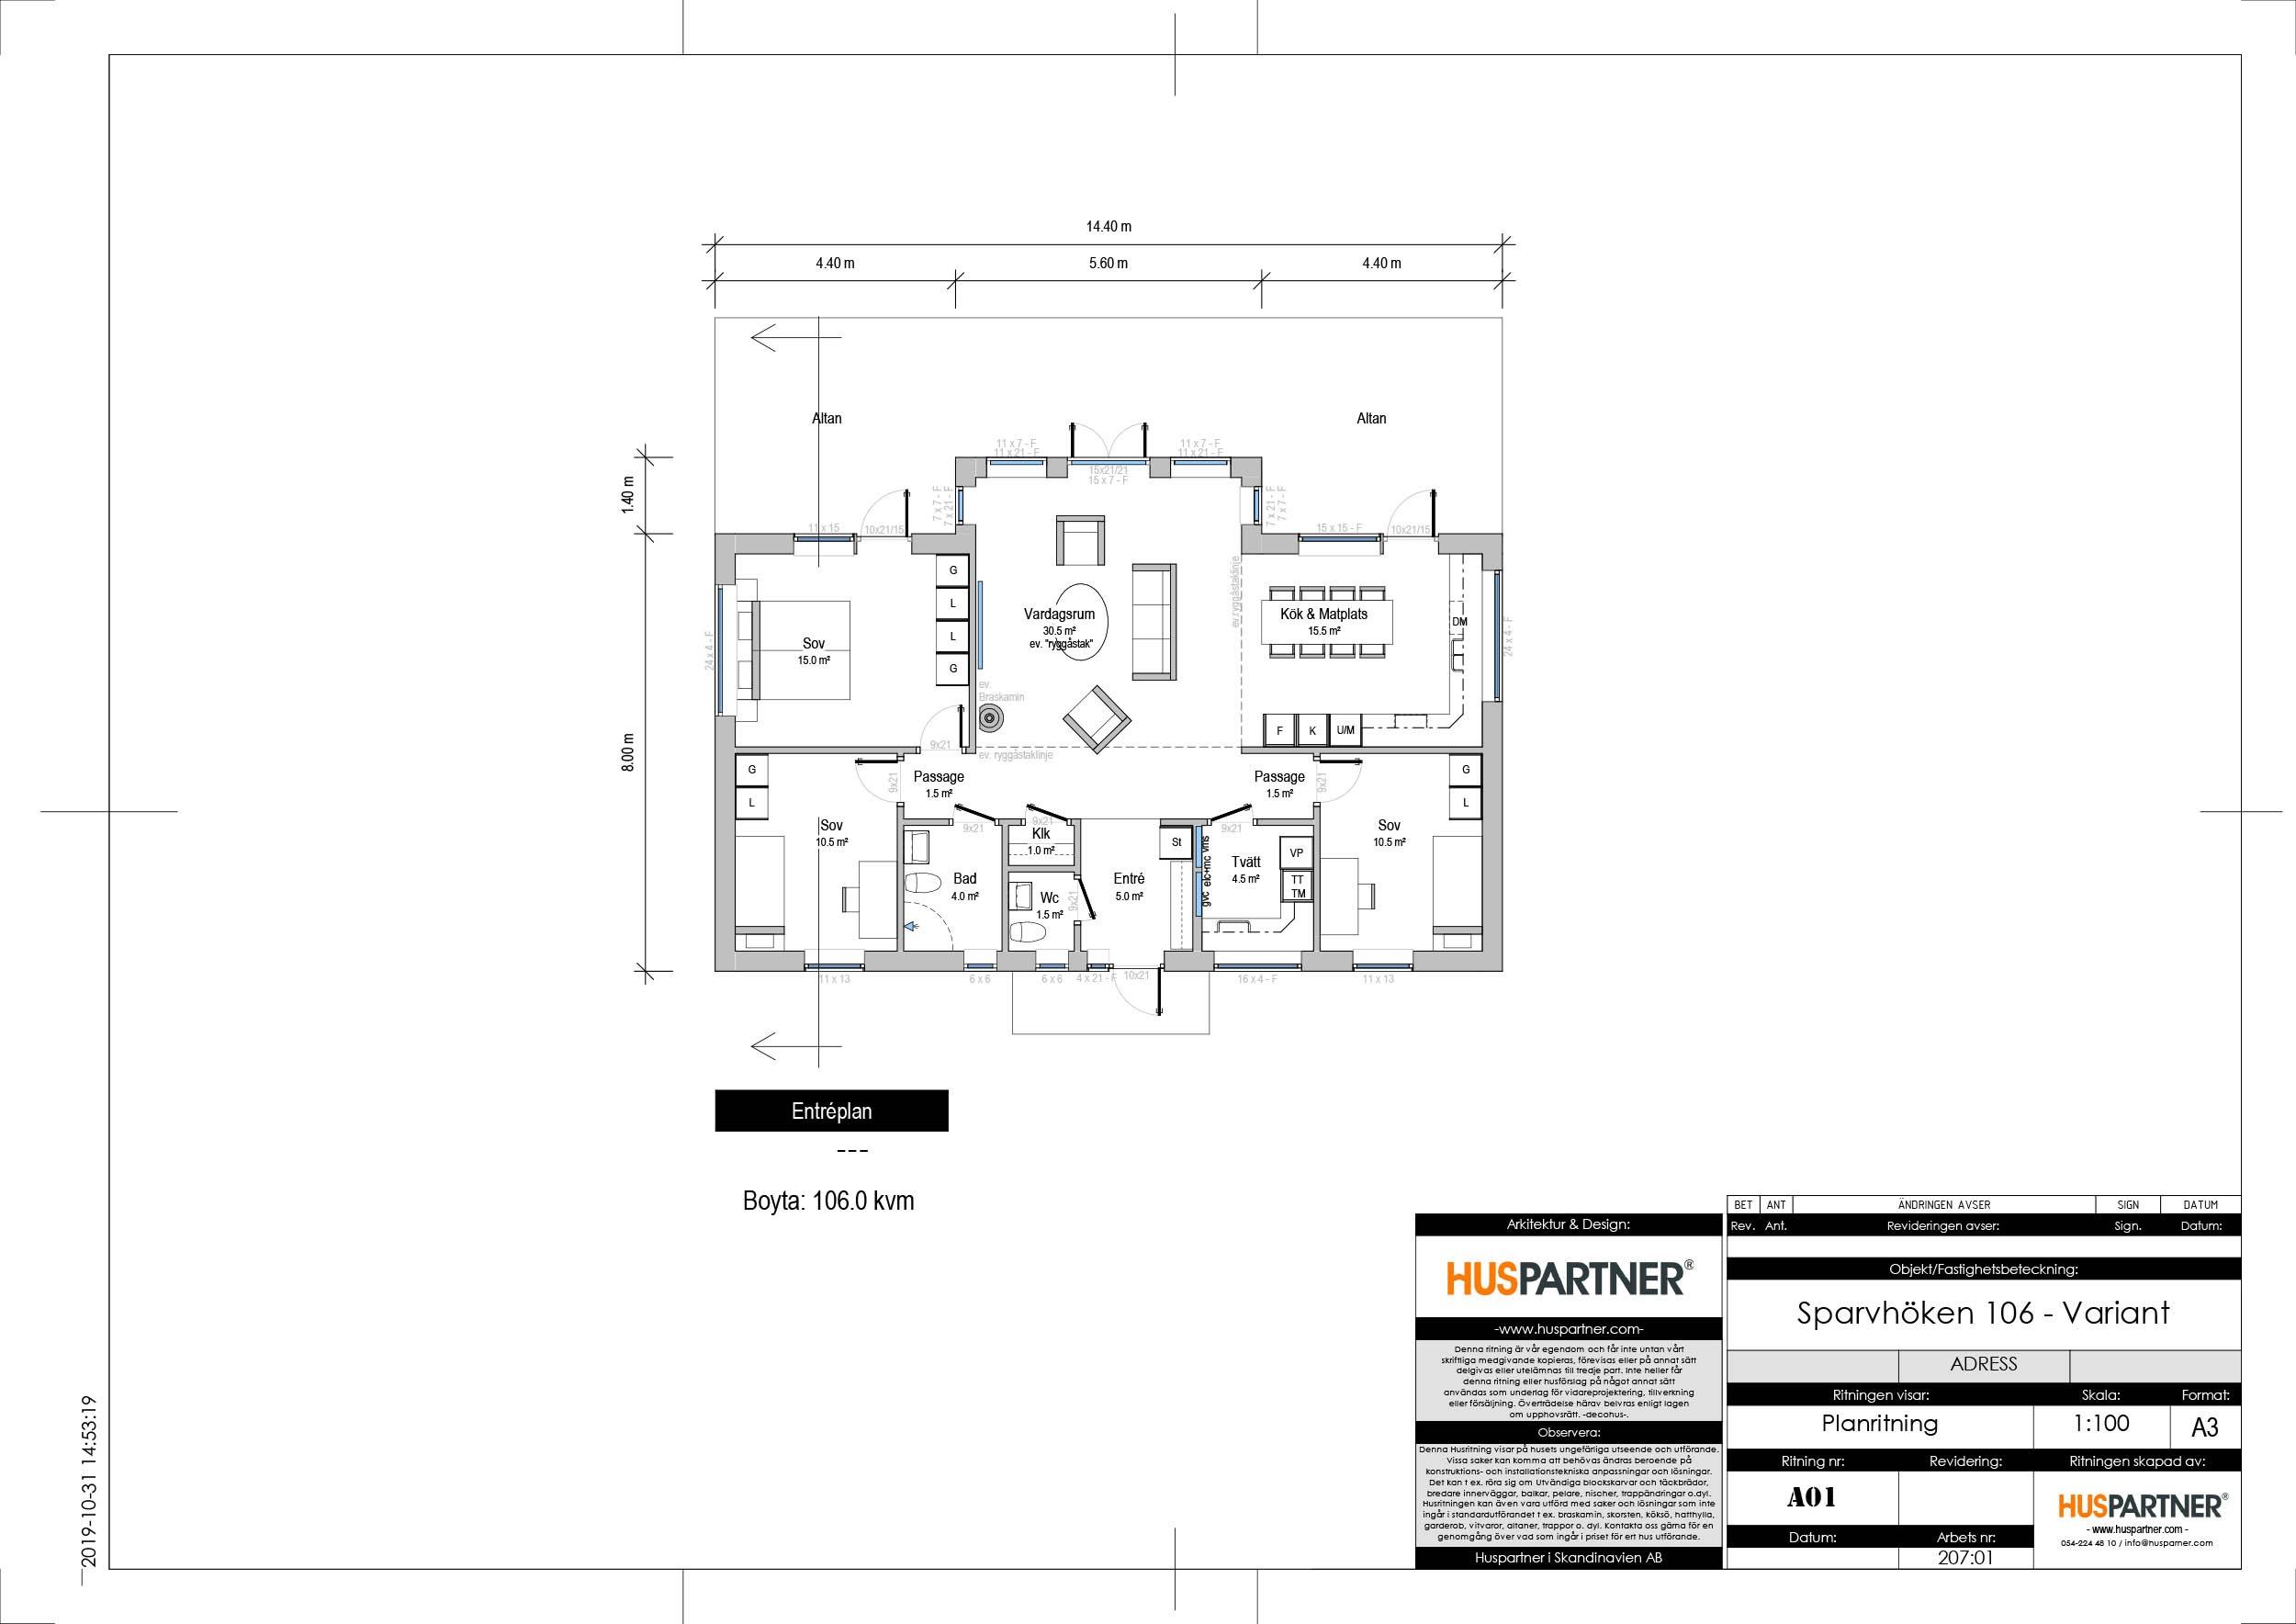 Planlösning för Sparvhöken 106 variant